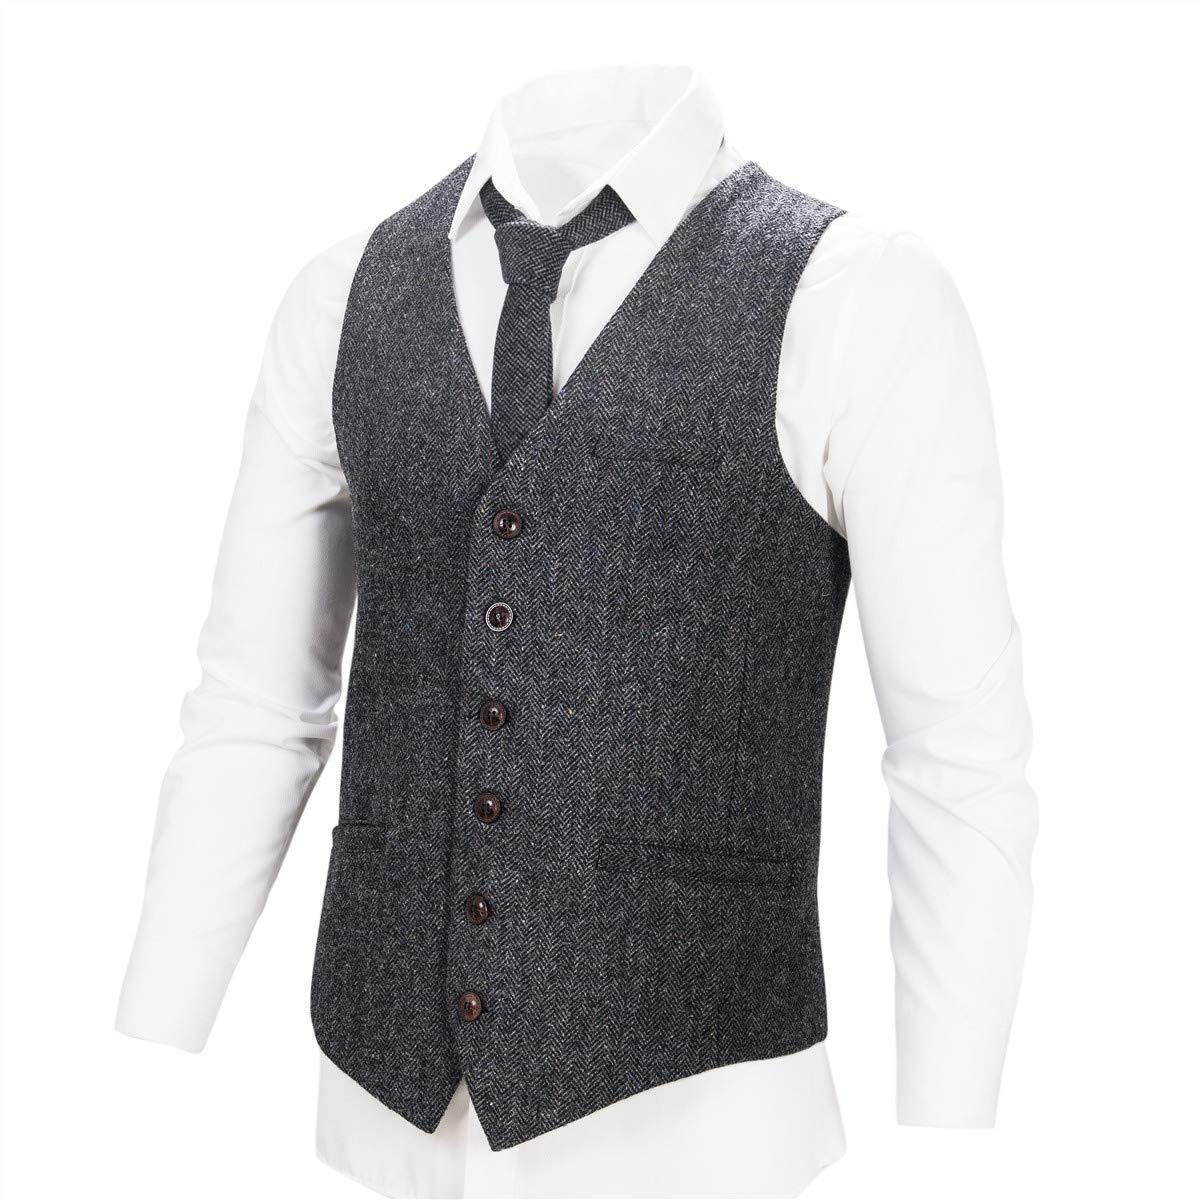 VOBOOM Men's Slim Fit Herringbone Tweed Suits Vest Premium Wool Blend Waistcoat (Flecked Grey, M)